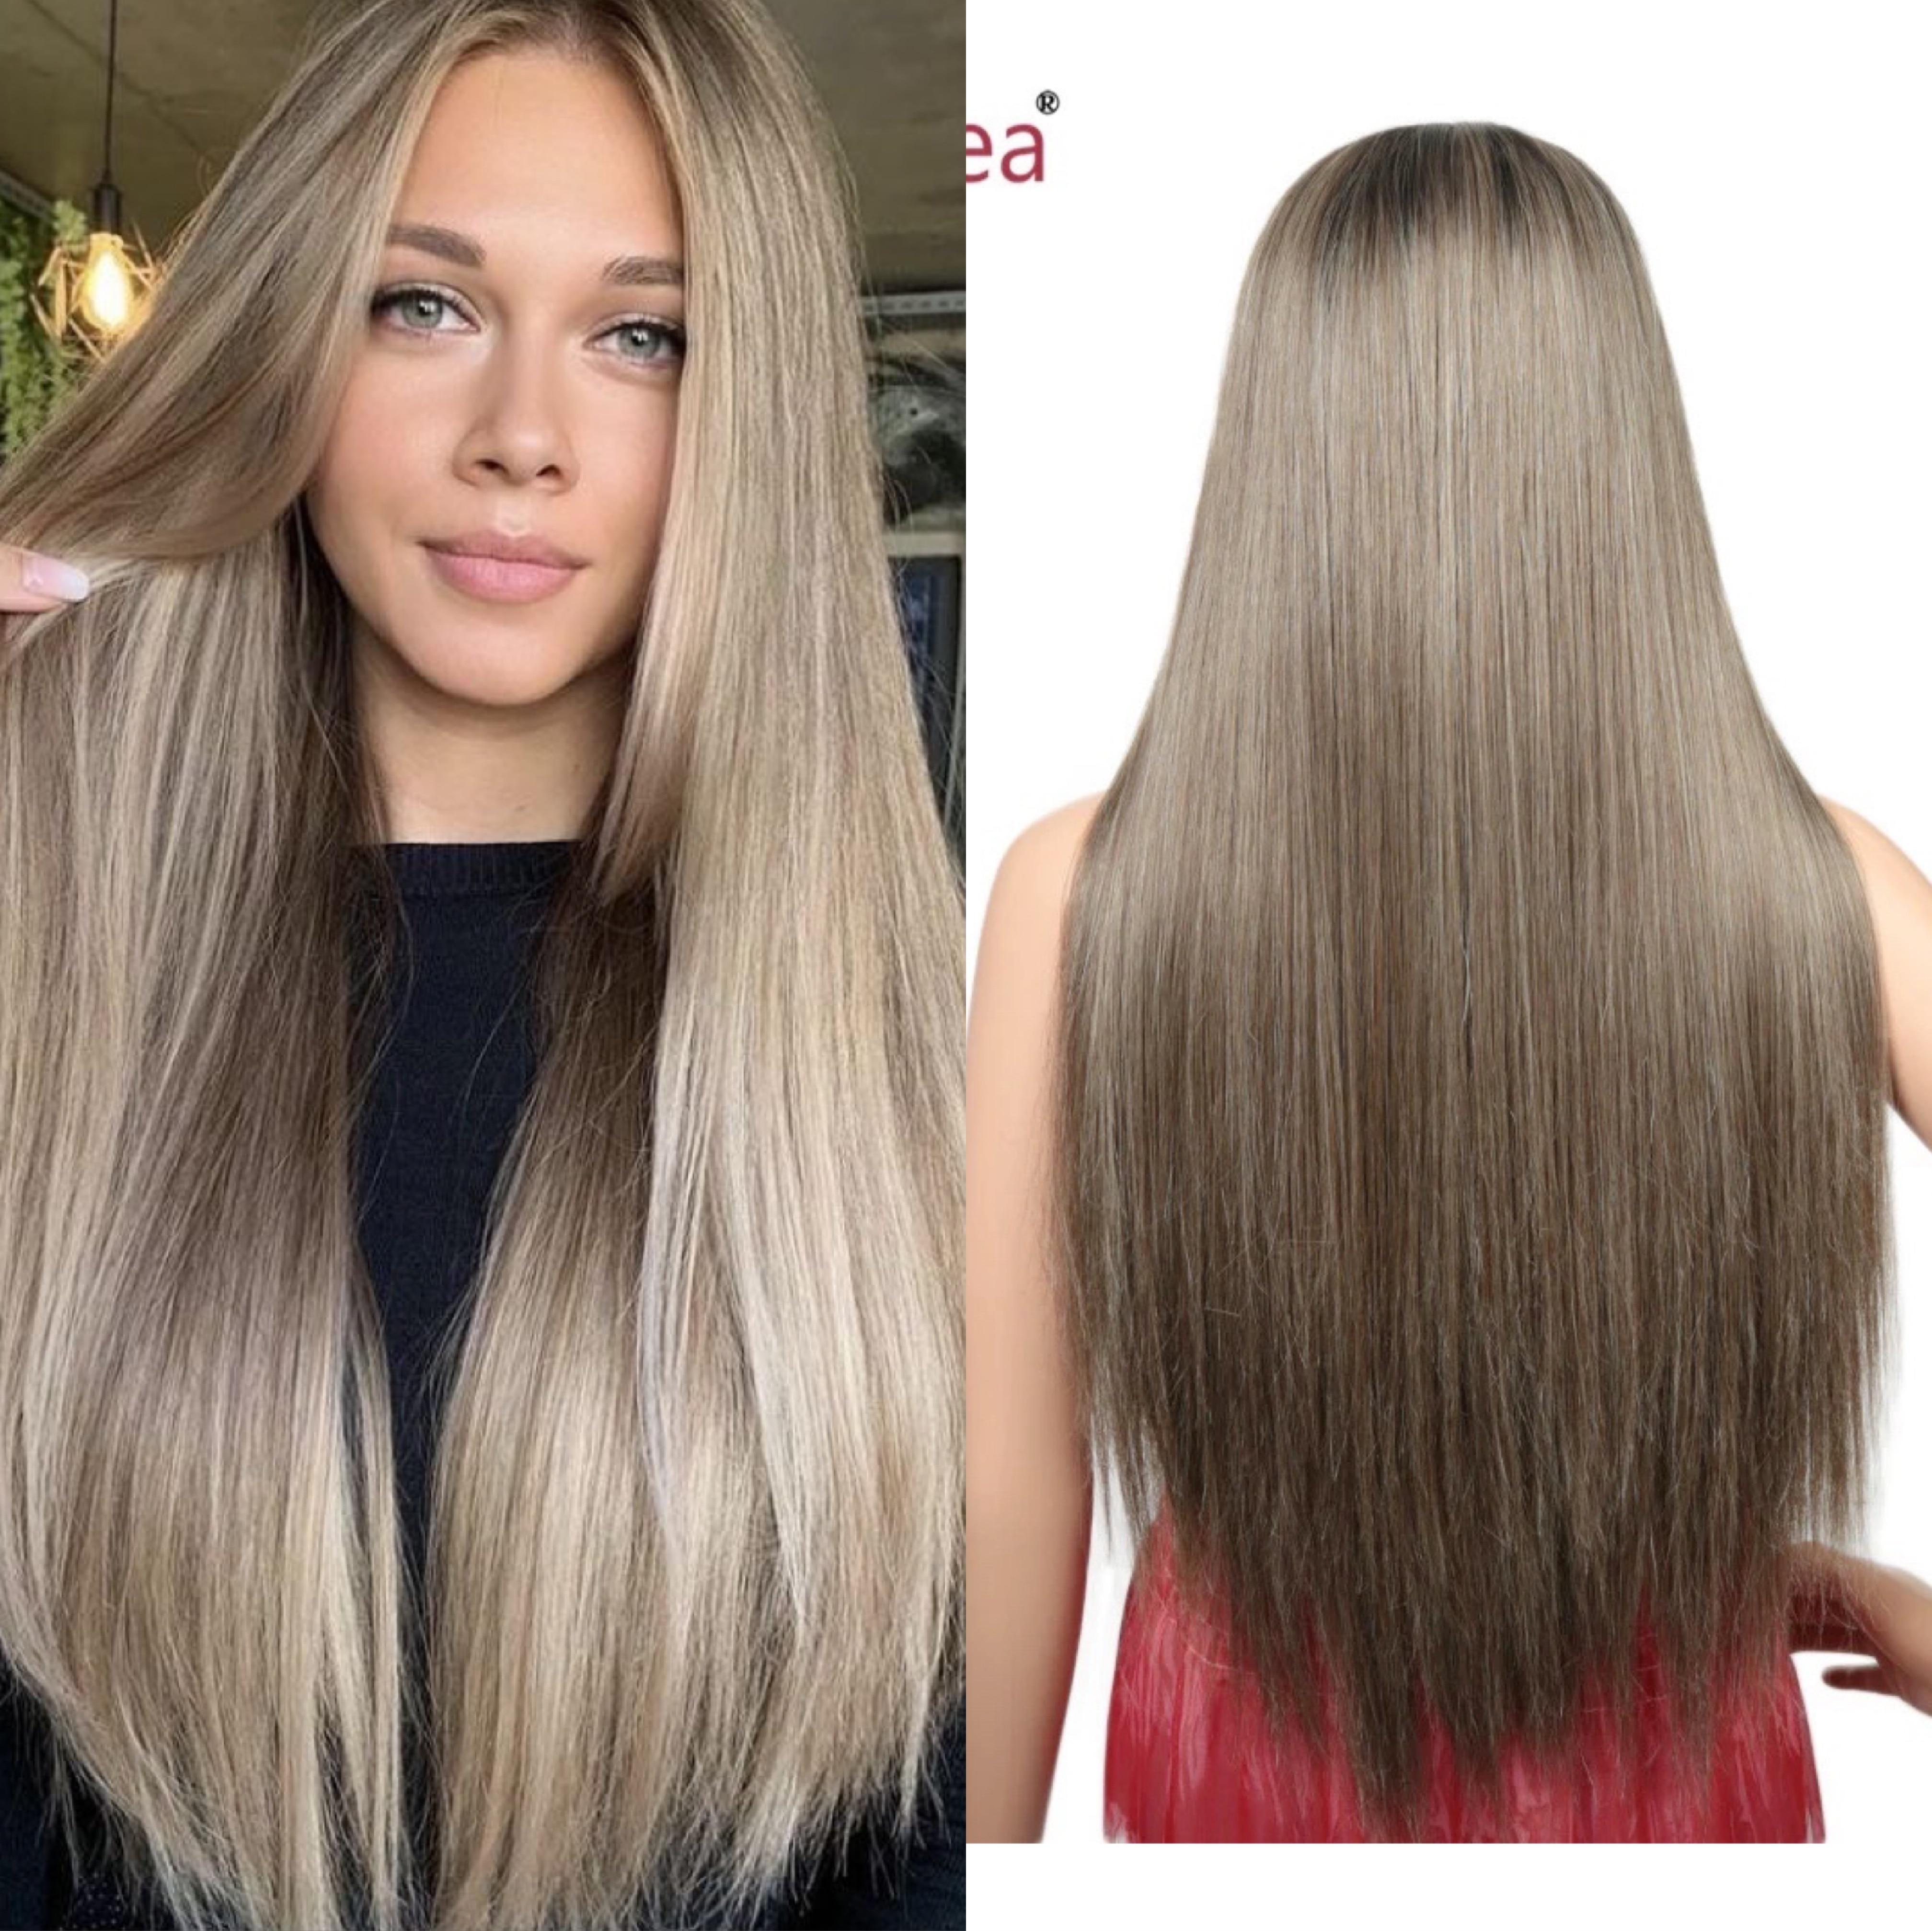 Парик HeyMidea женский с прямыми синтетическими волосами, 13X6 спереди, с натуральной линией волос, с эффектом омбре, 30 дюймов